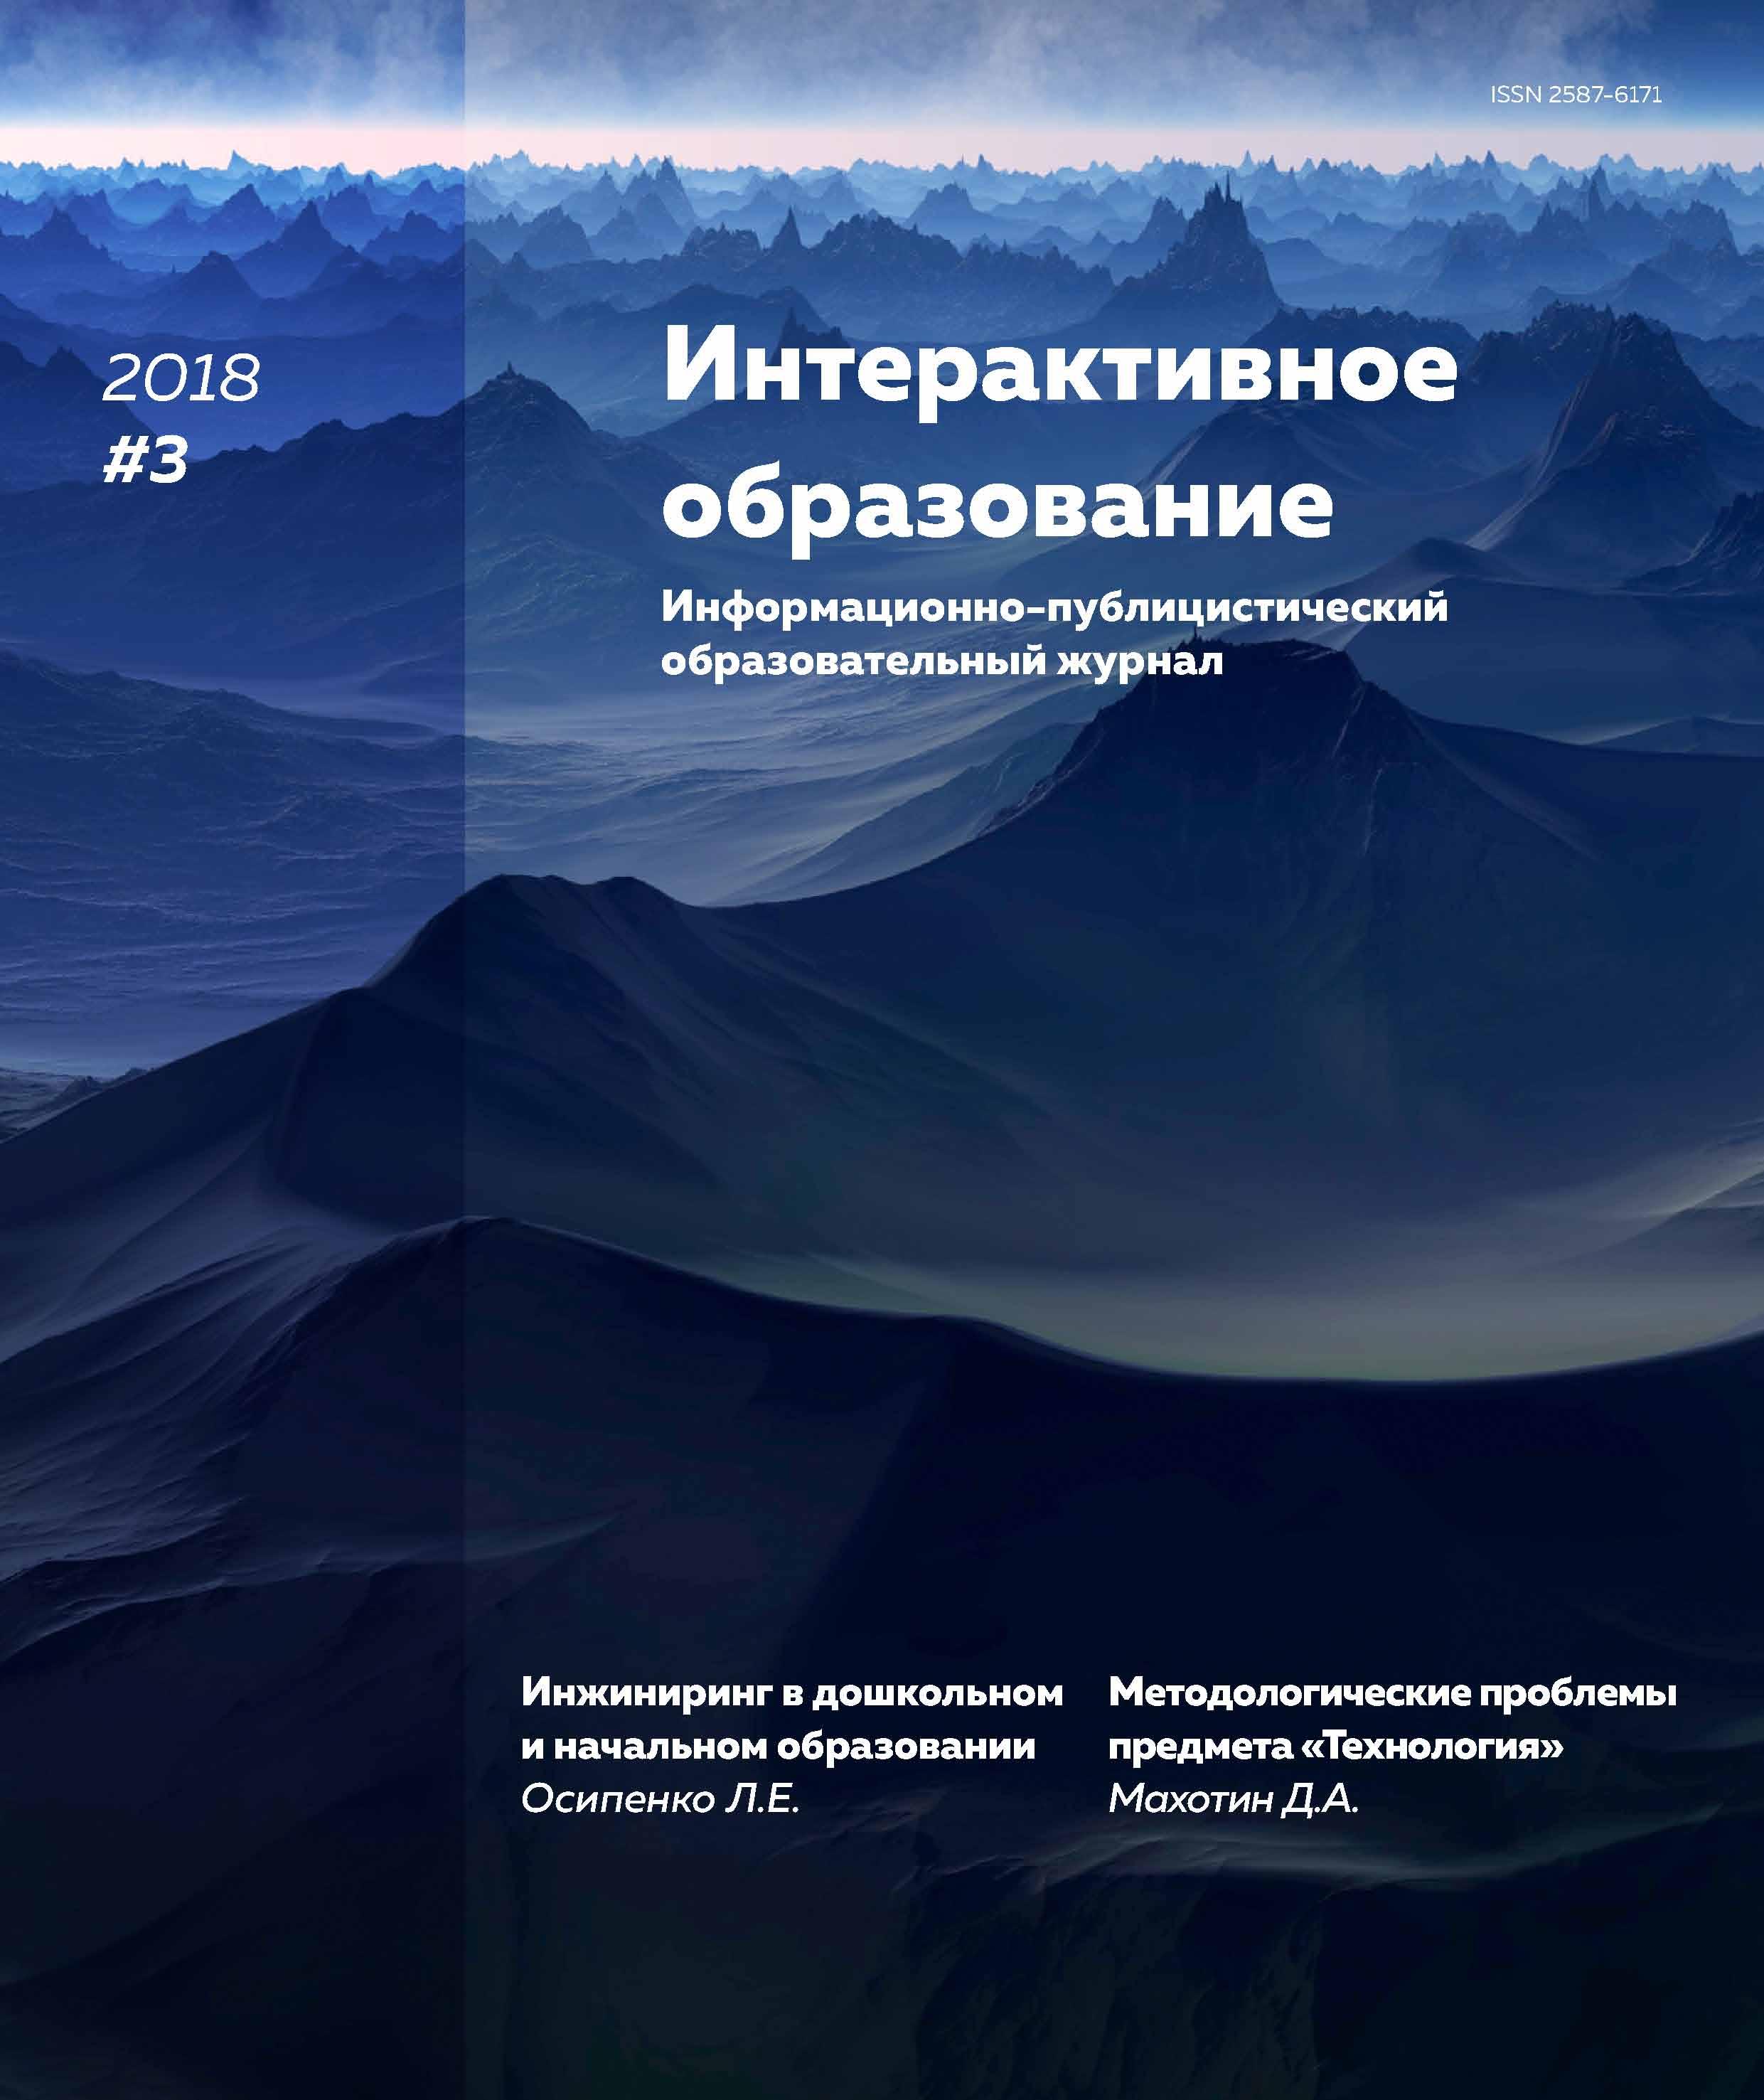 Интерактивное образование № 3 2018 г.